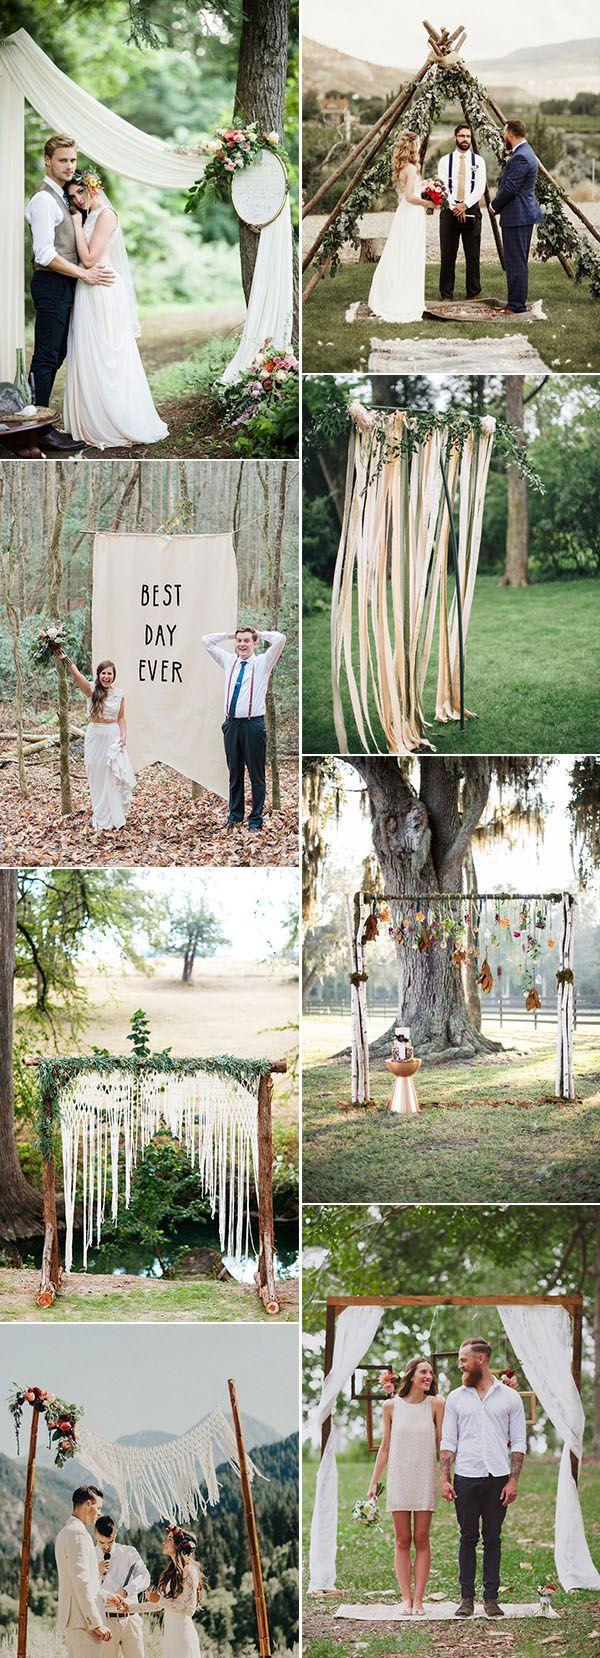 simple rustic boho wedding arch decoration ideas